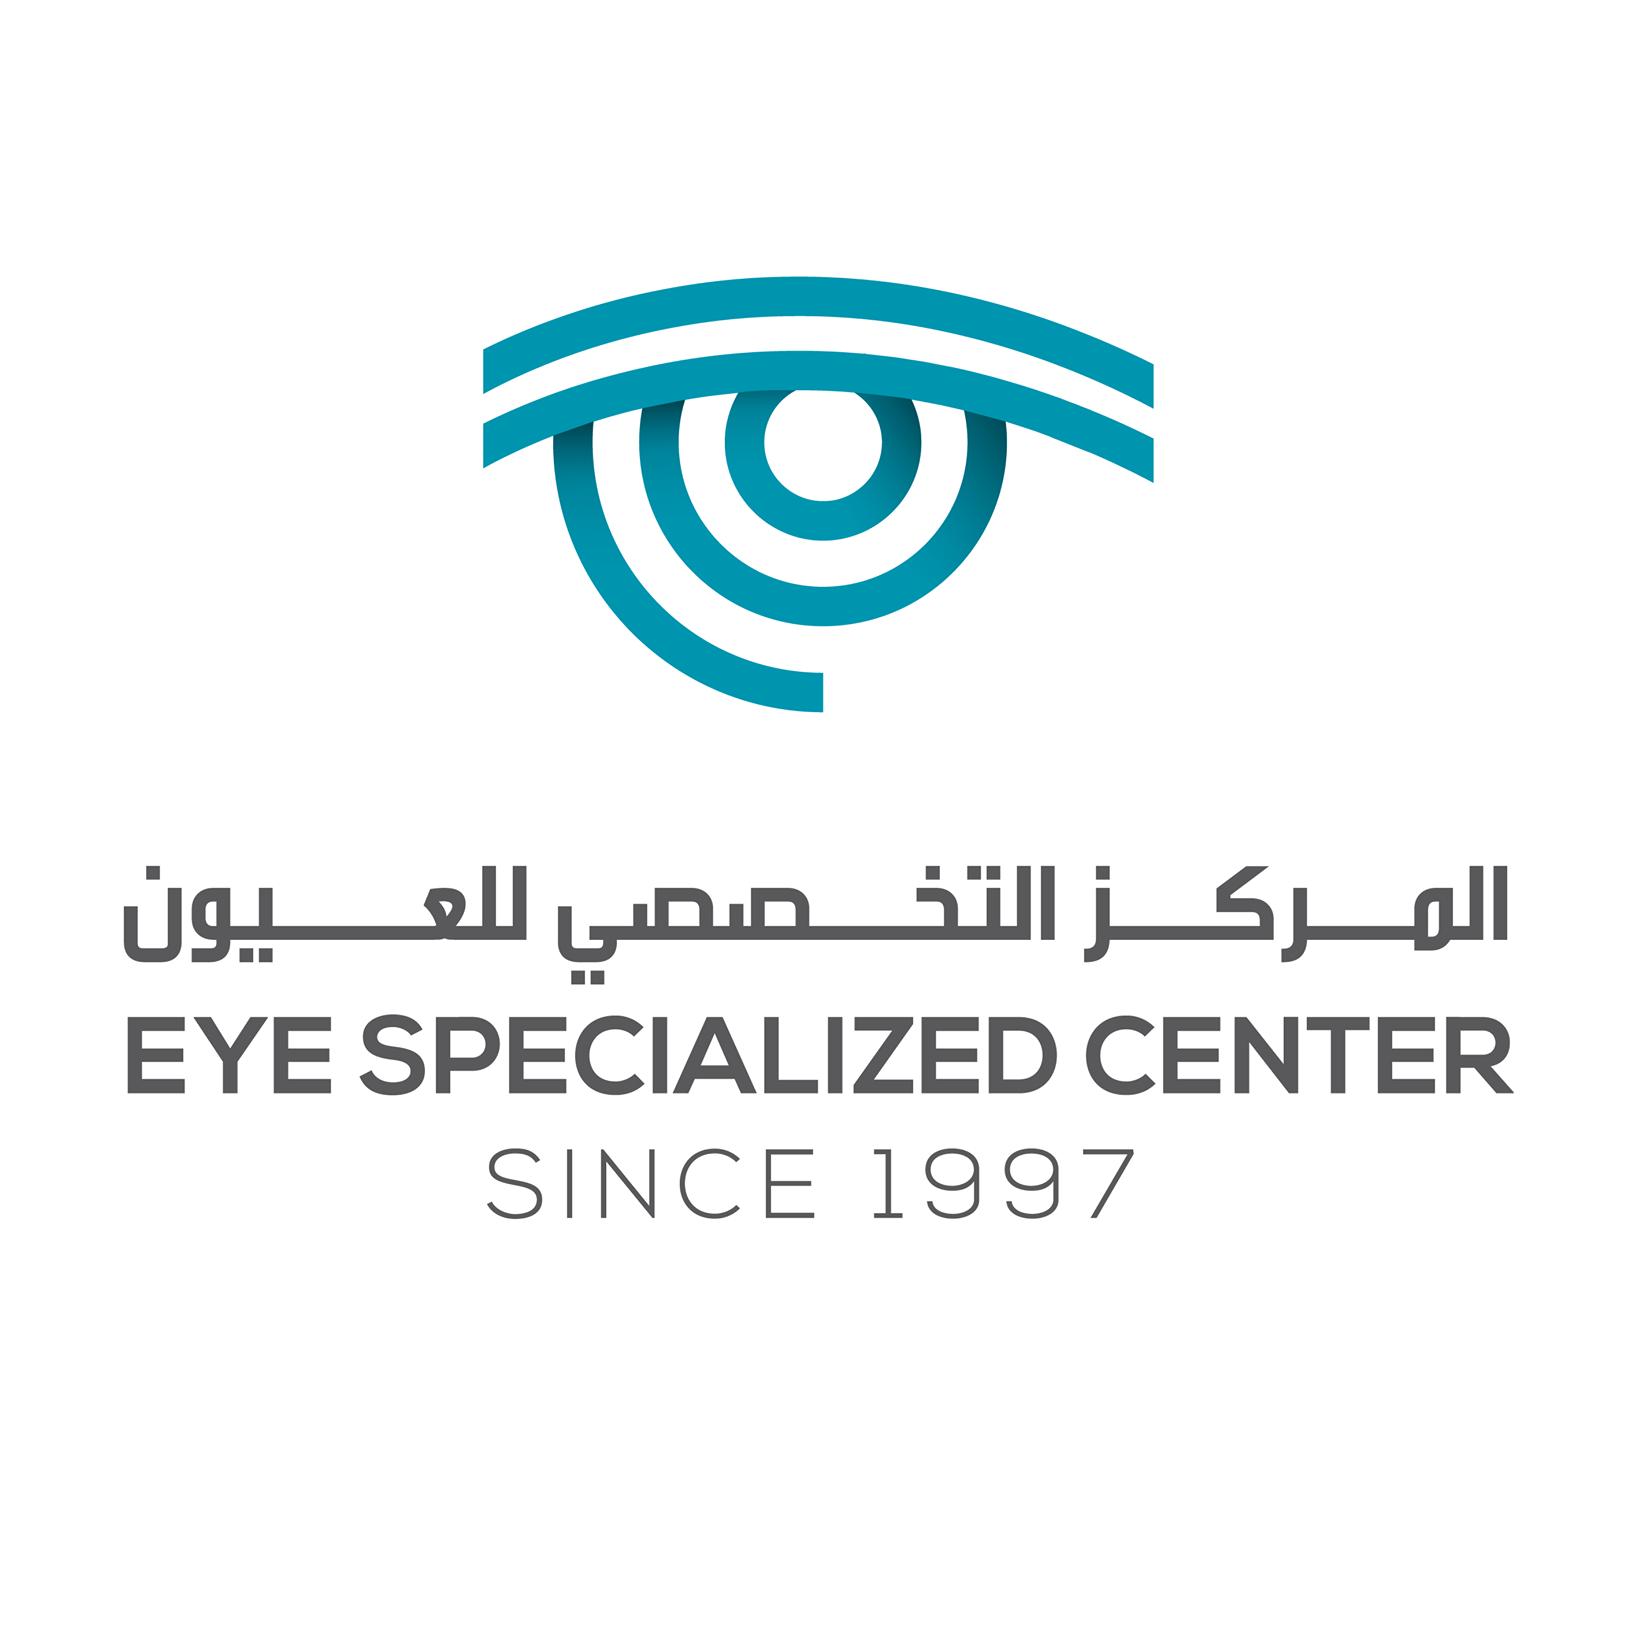 مستشفي المركز الدولي التخصصي للعيون